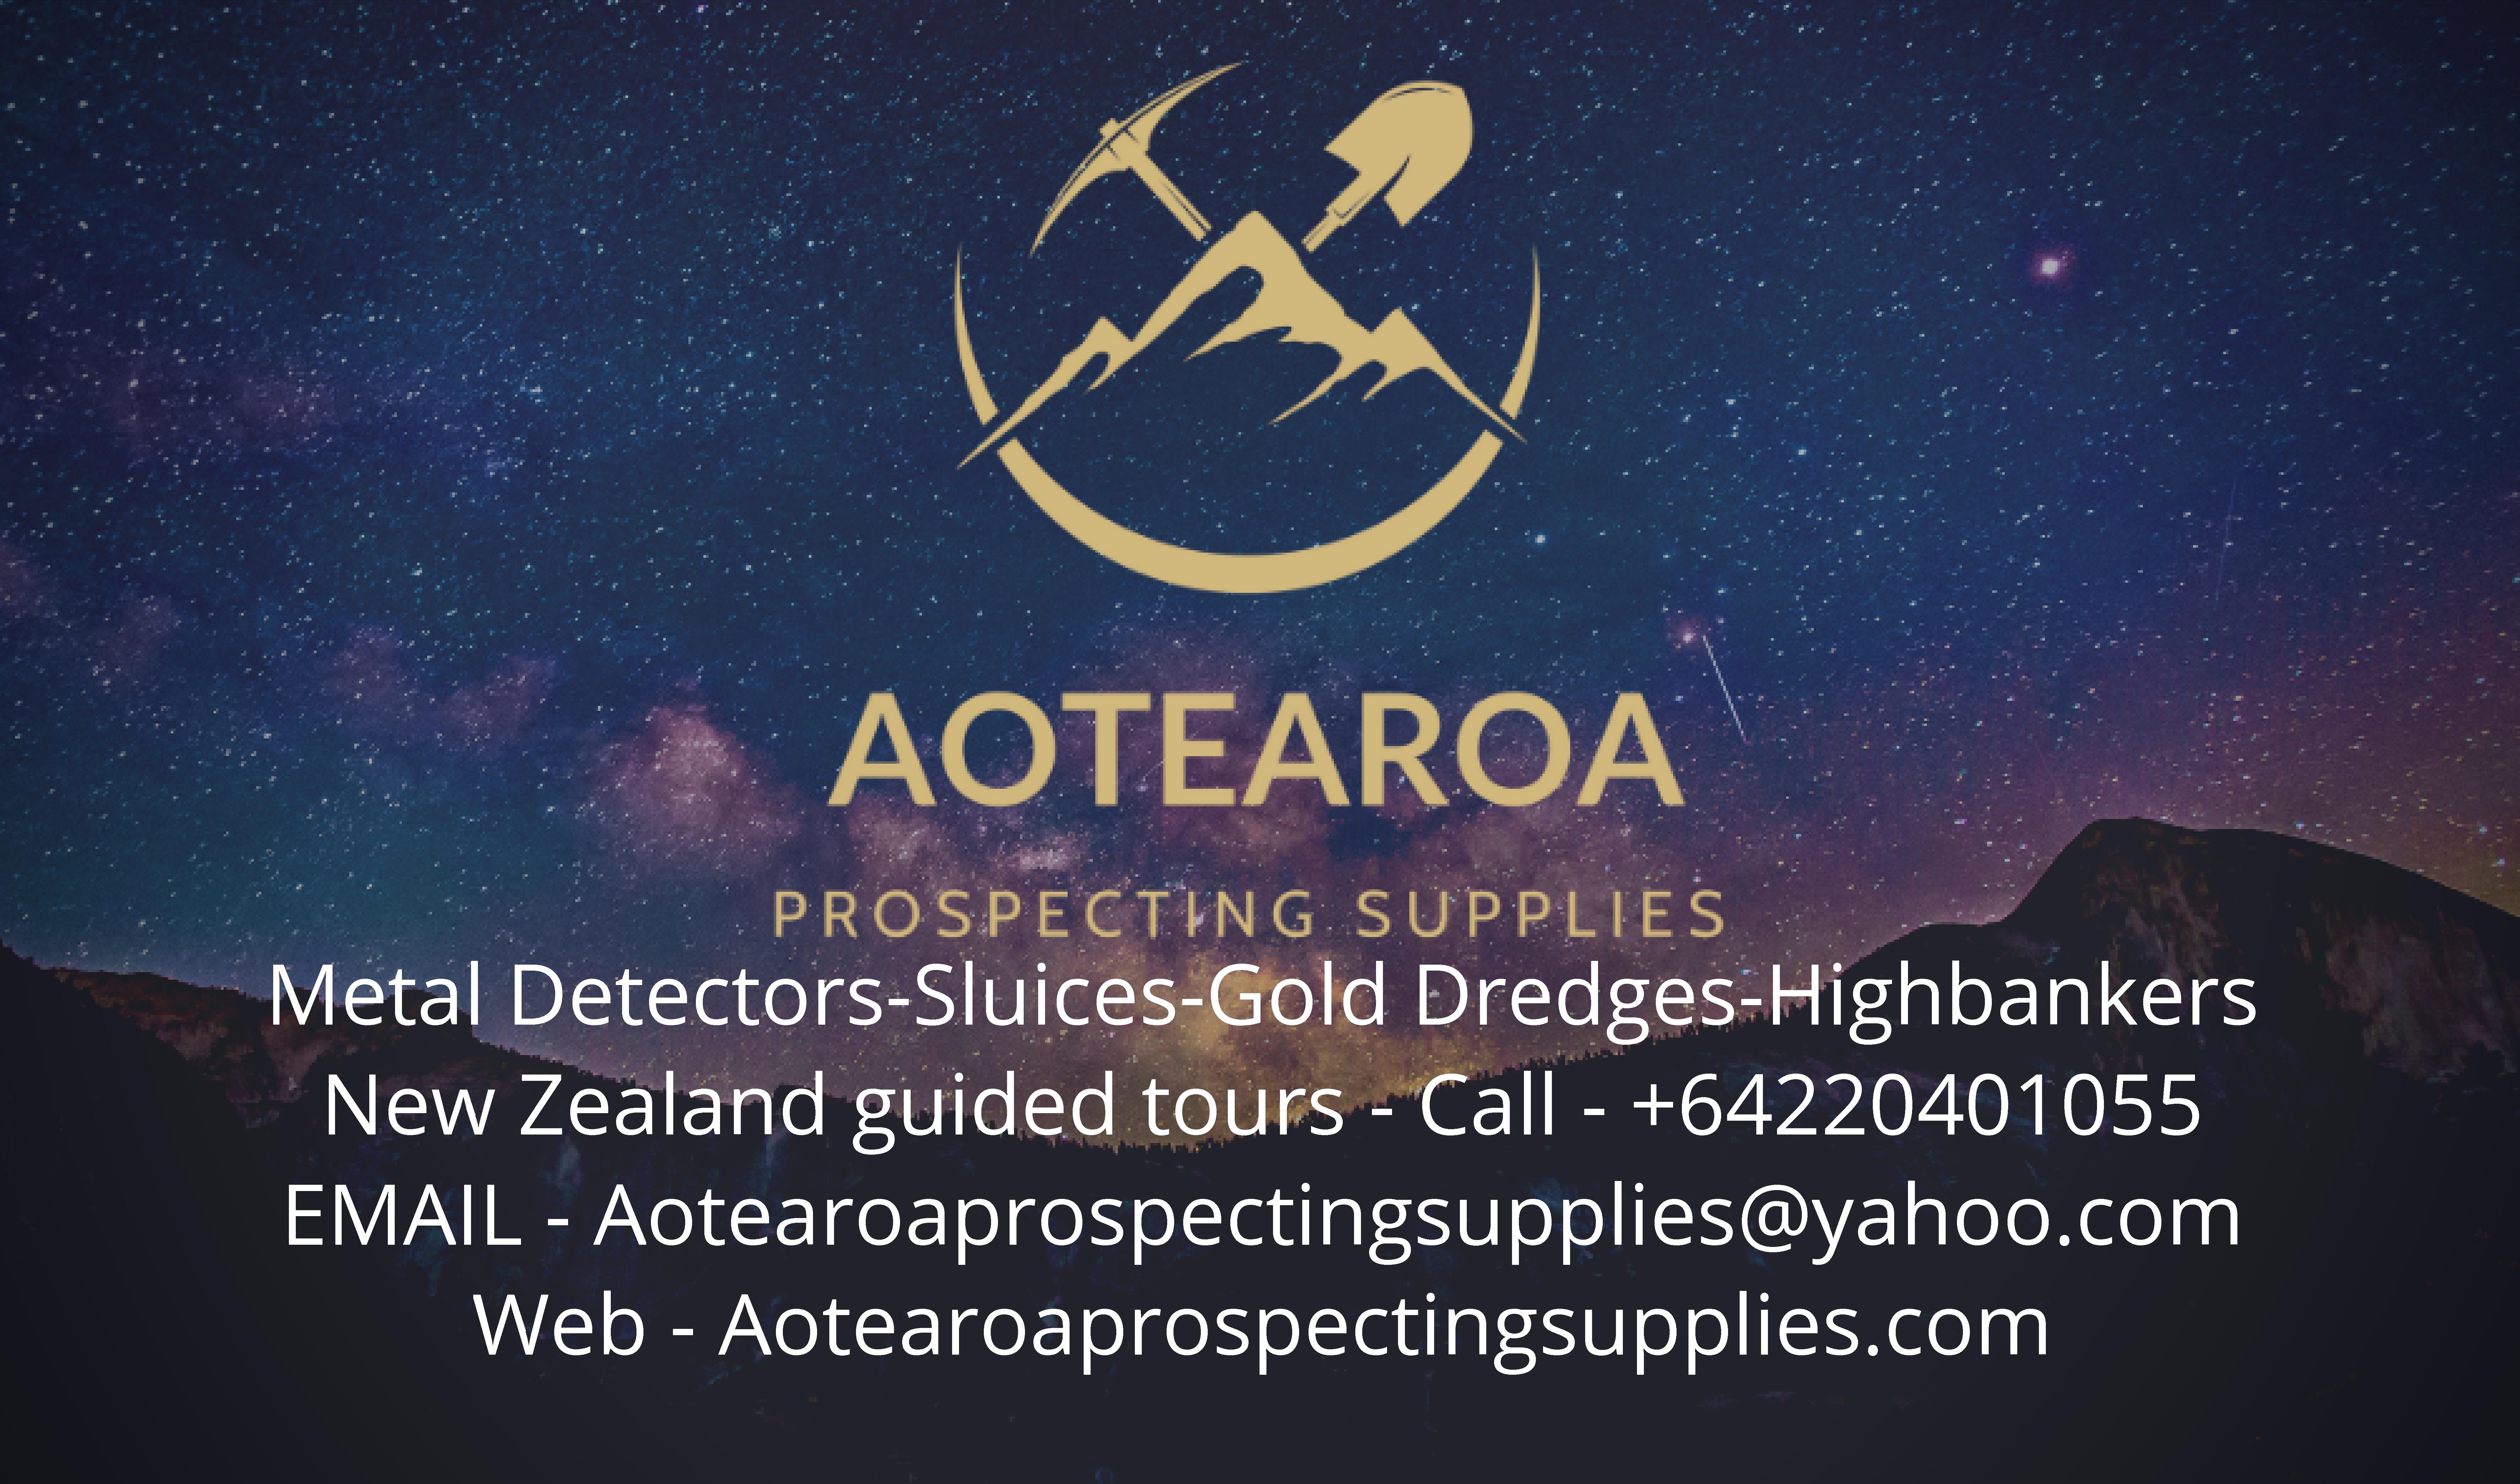 AOTEAROA Prospecting Supplies